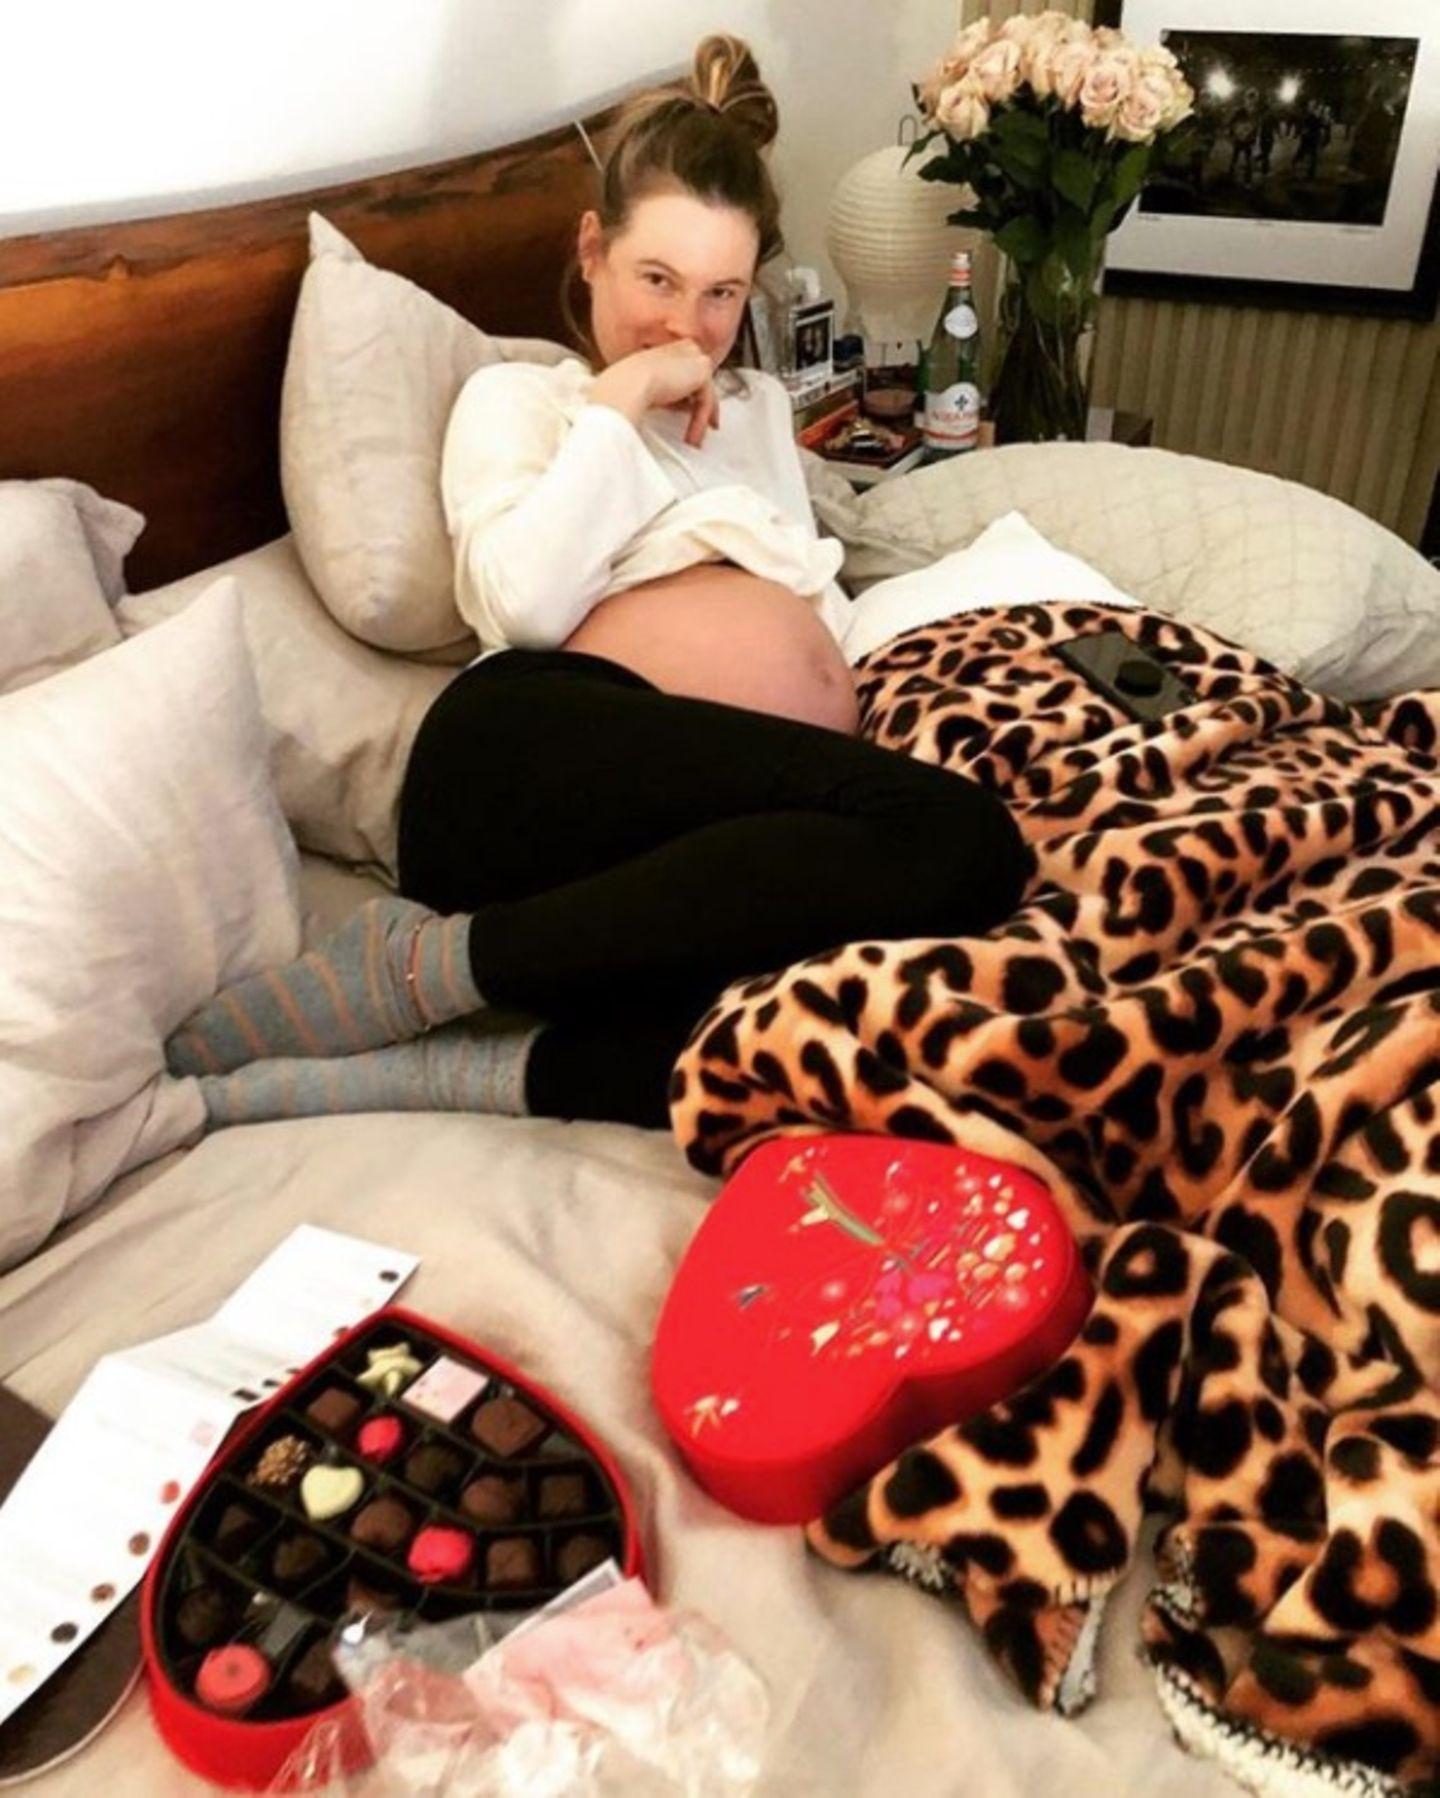 """""""Meine Wildkatze"""", postet Adam Levin scherzend über seine schwangere Frau Behati Prinsloo. Zum Valentinstag hat er ihr leckere Pralinen mitgebracht."""